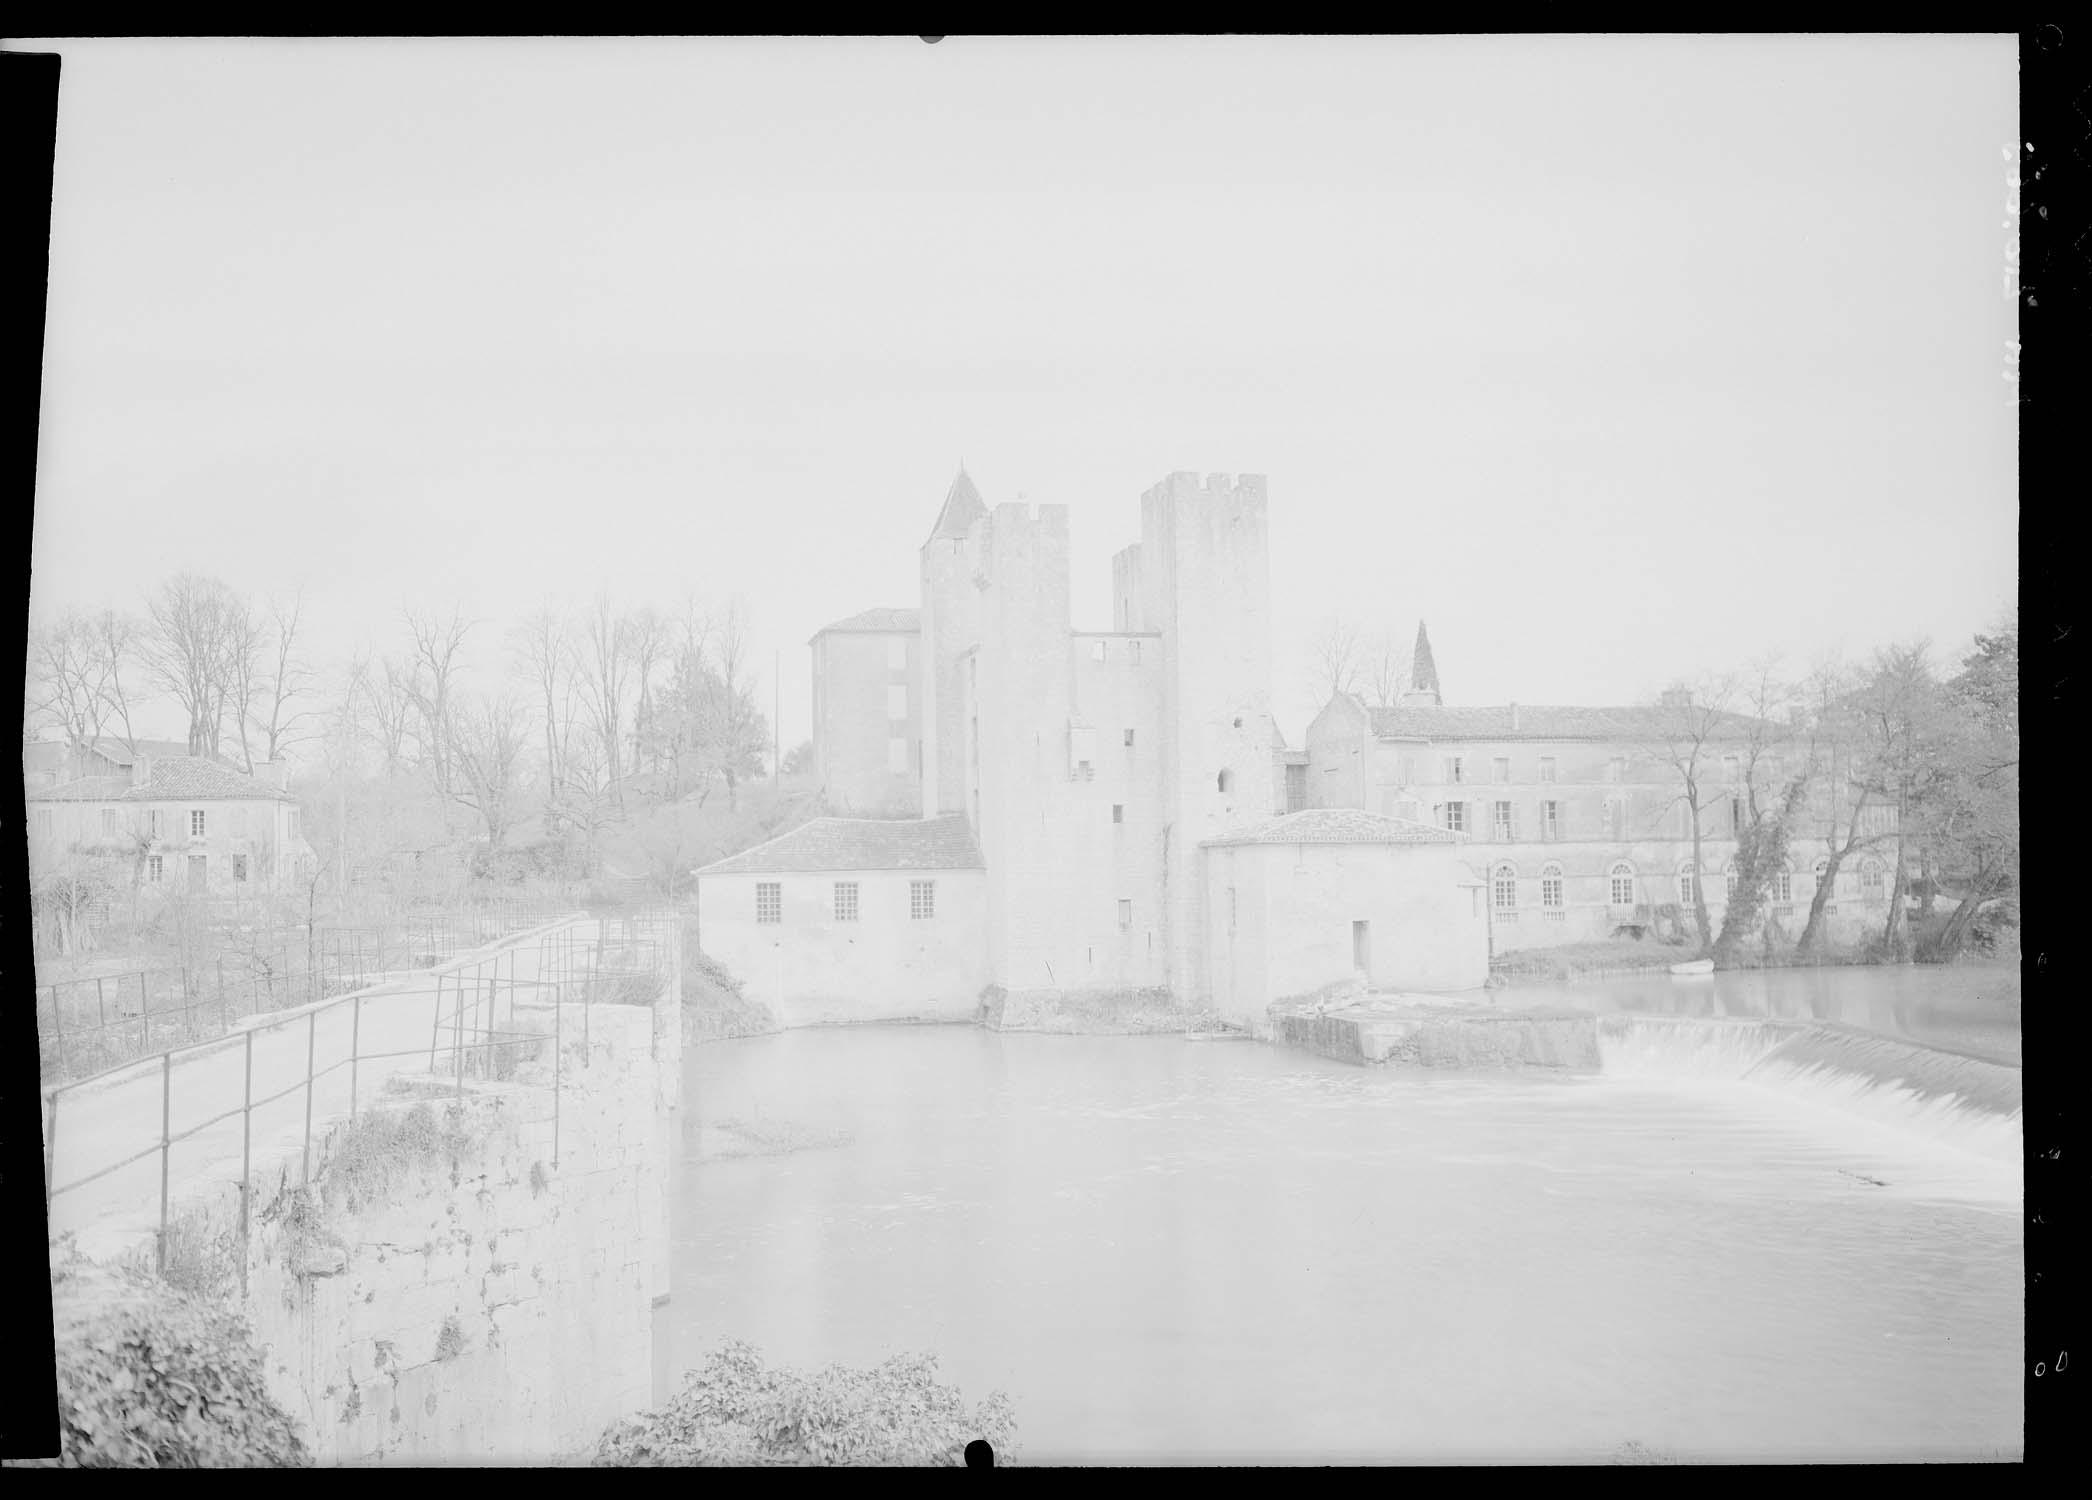 Pont gothique de sept arches et moulin fortifié du 14e siècle flanqué de quatre tourelles inégales de style Henri IV